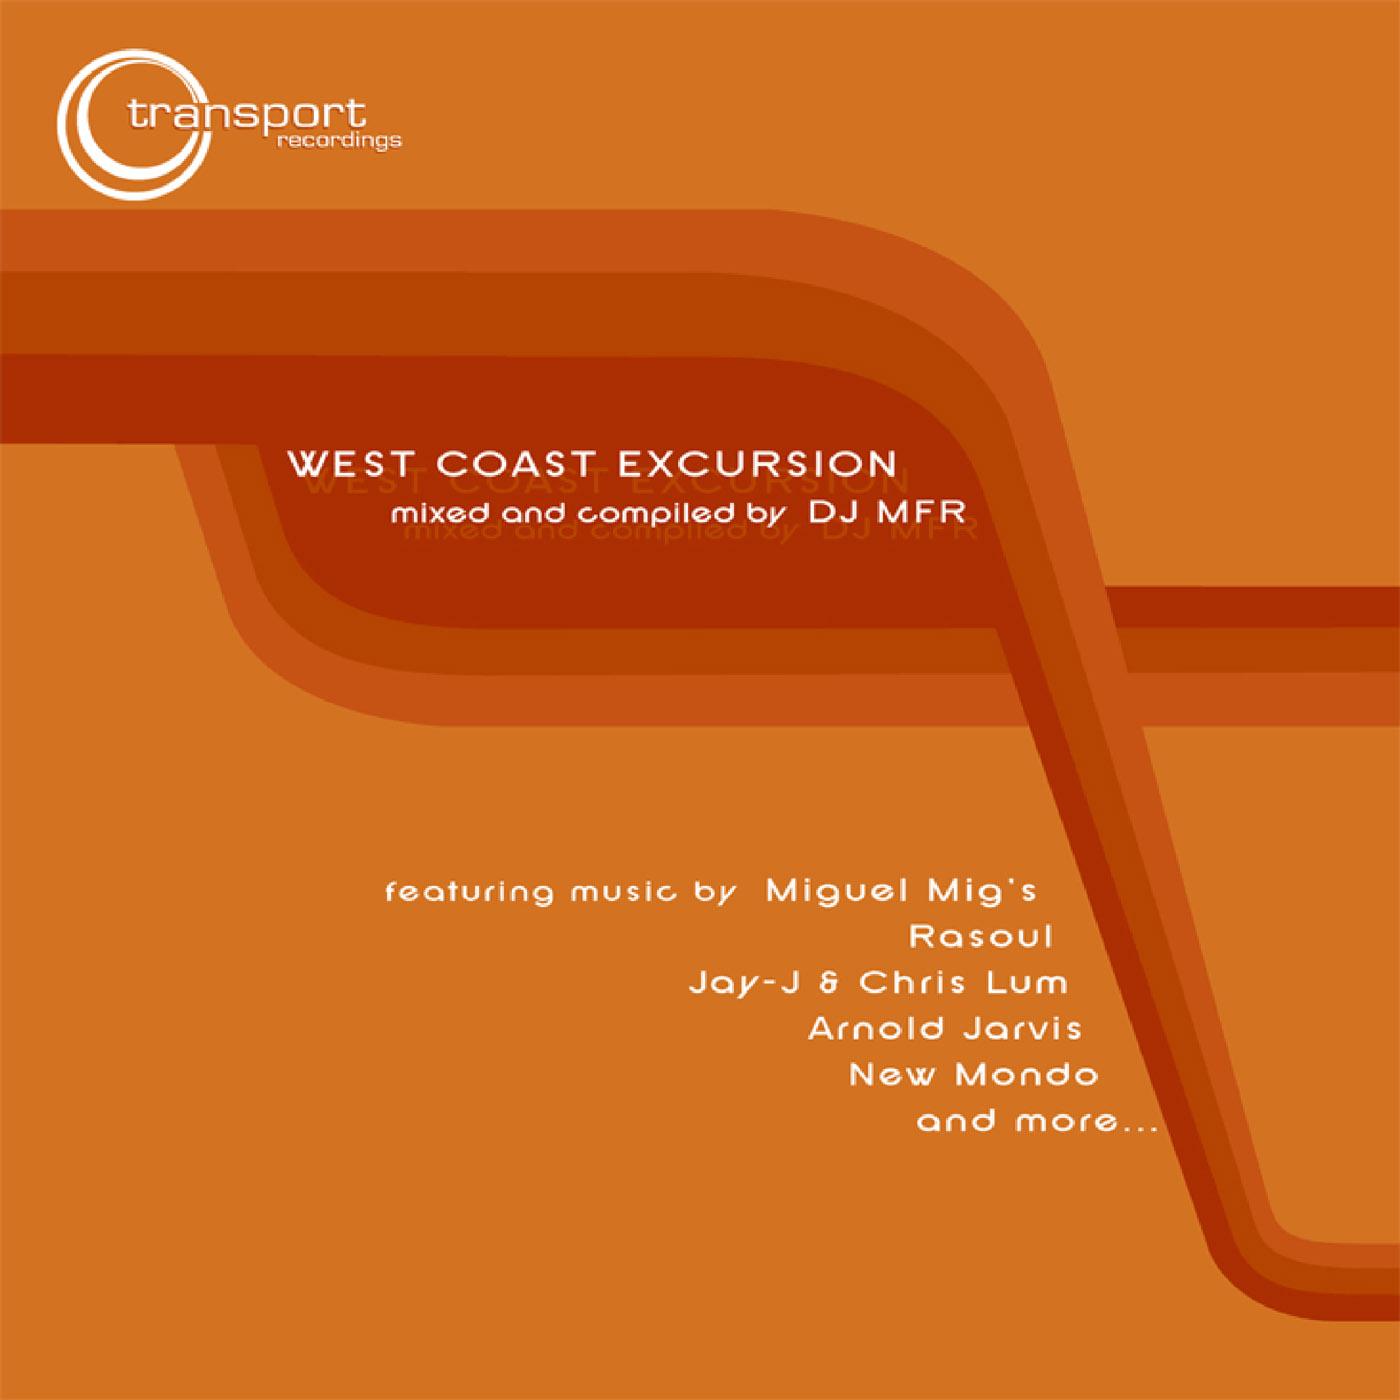 West Coast Excursion 1